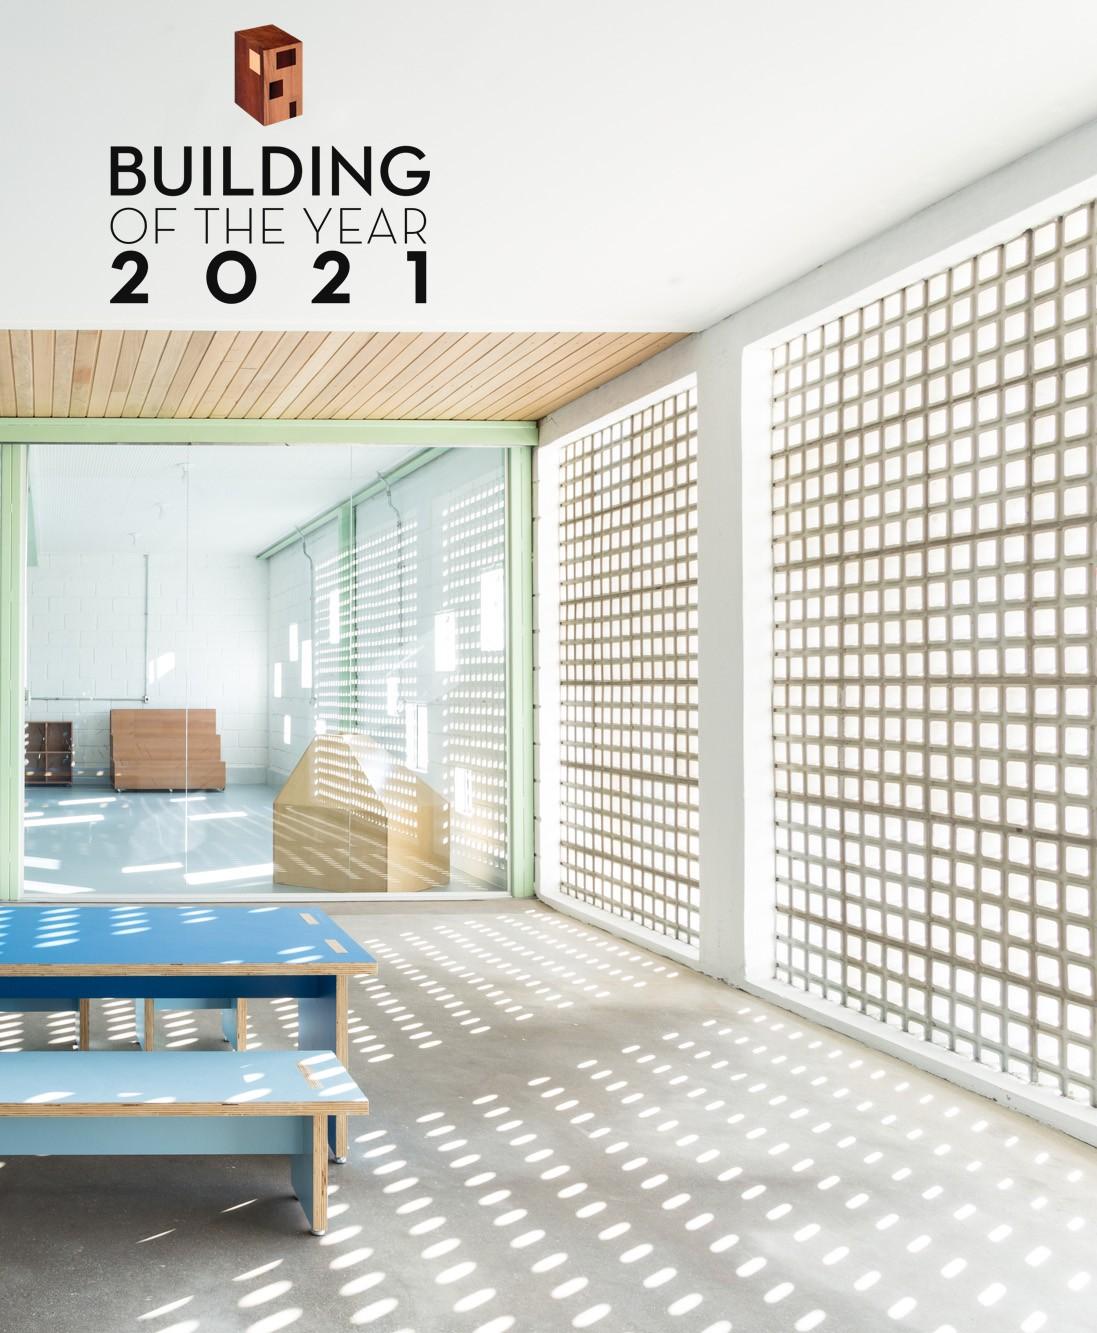 escola projeto premiação building of the year casa fundamental arquitetura escolar archdaily